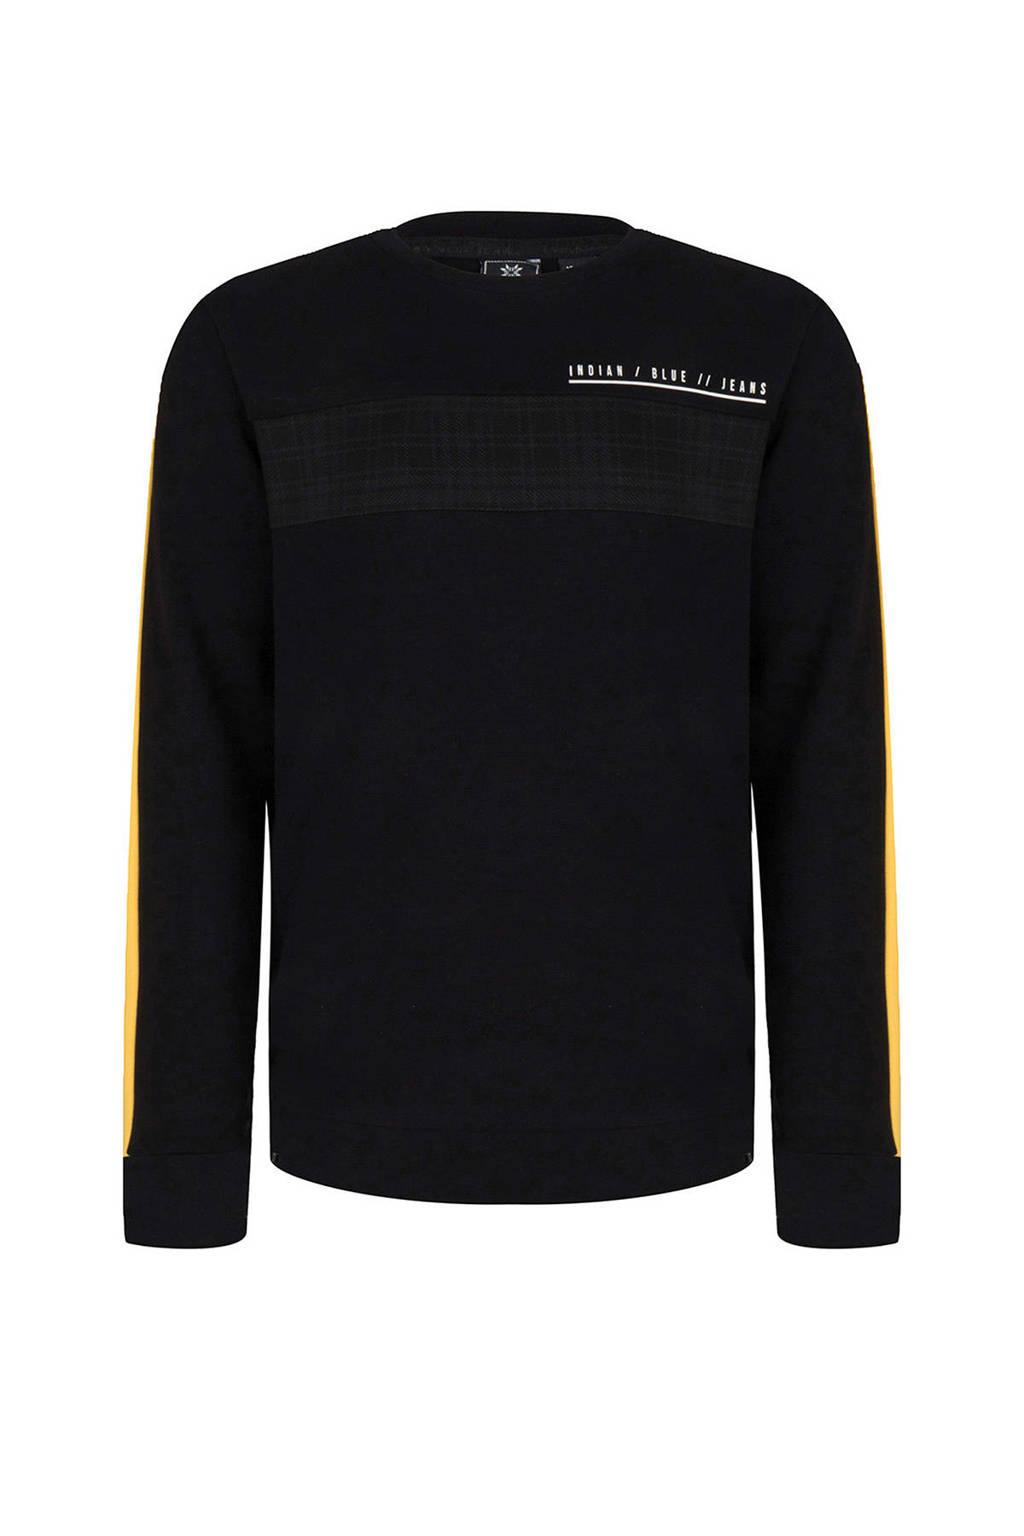 Indian Blue Jeans sweater met contrastbies zwart/geel, Zwart/geel